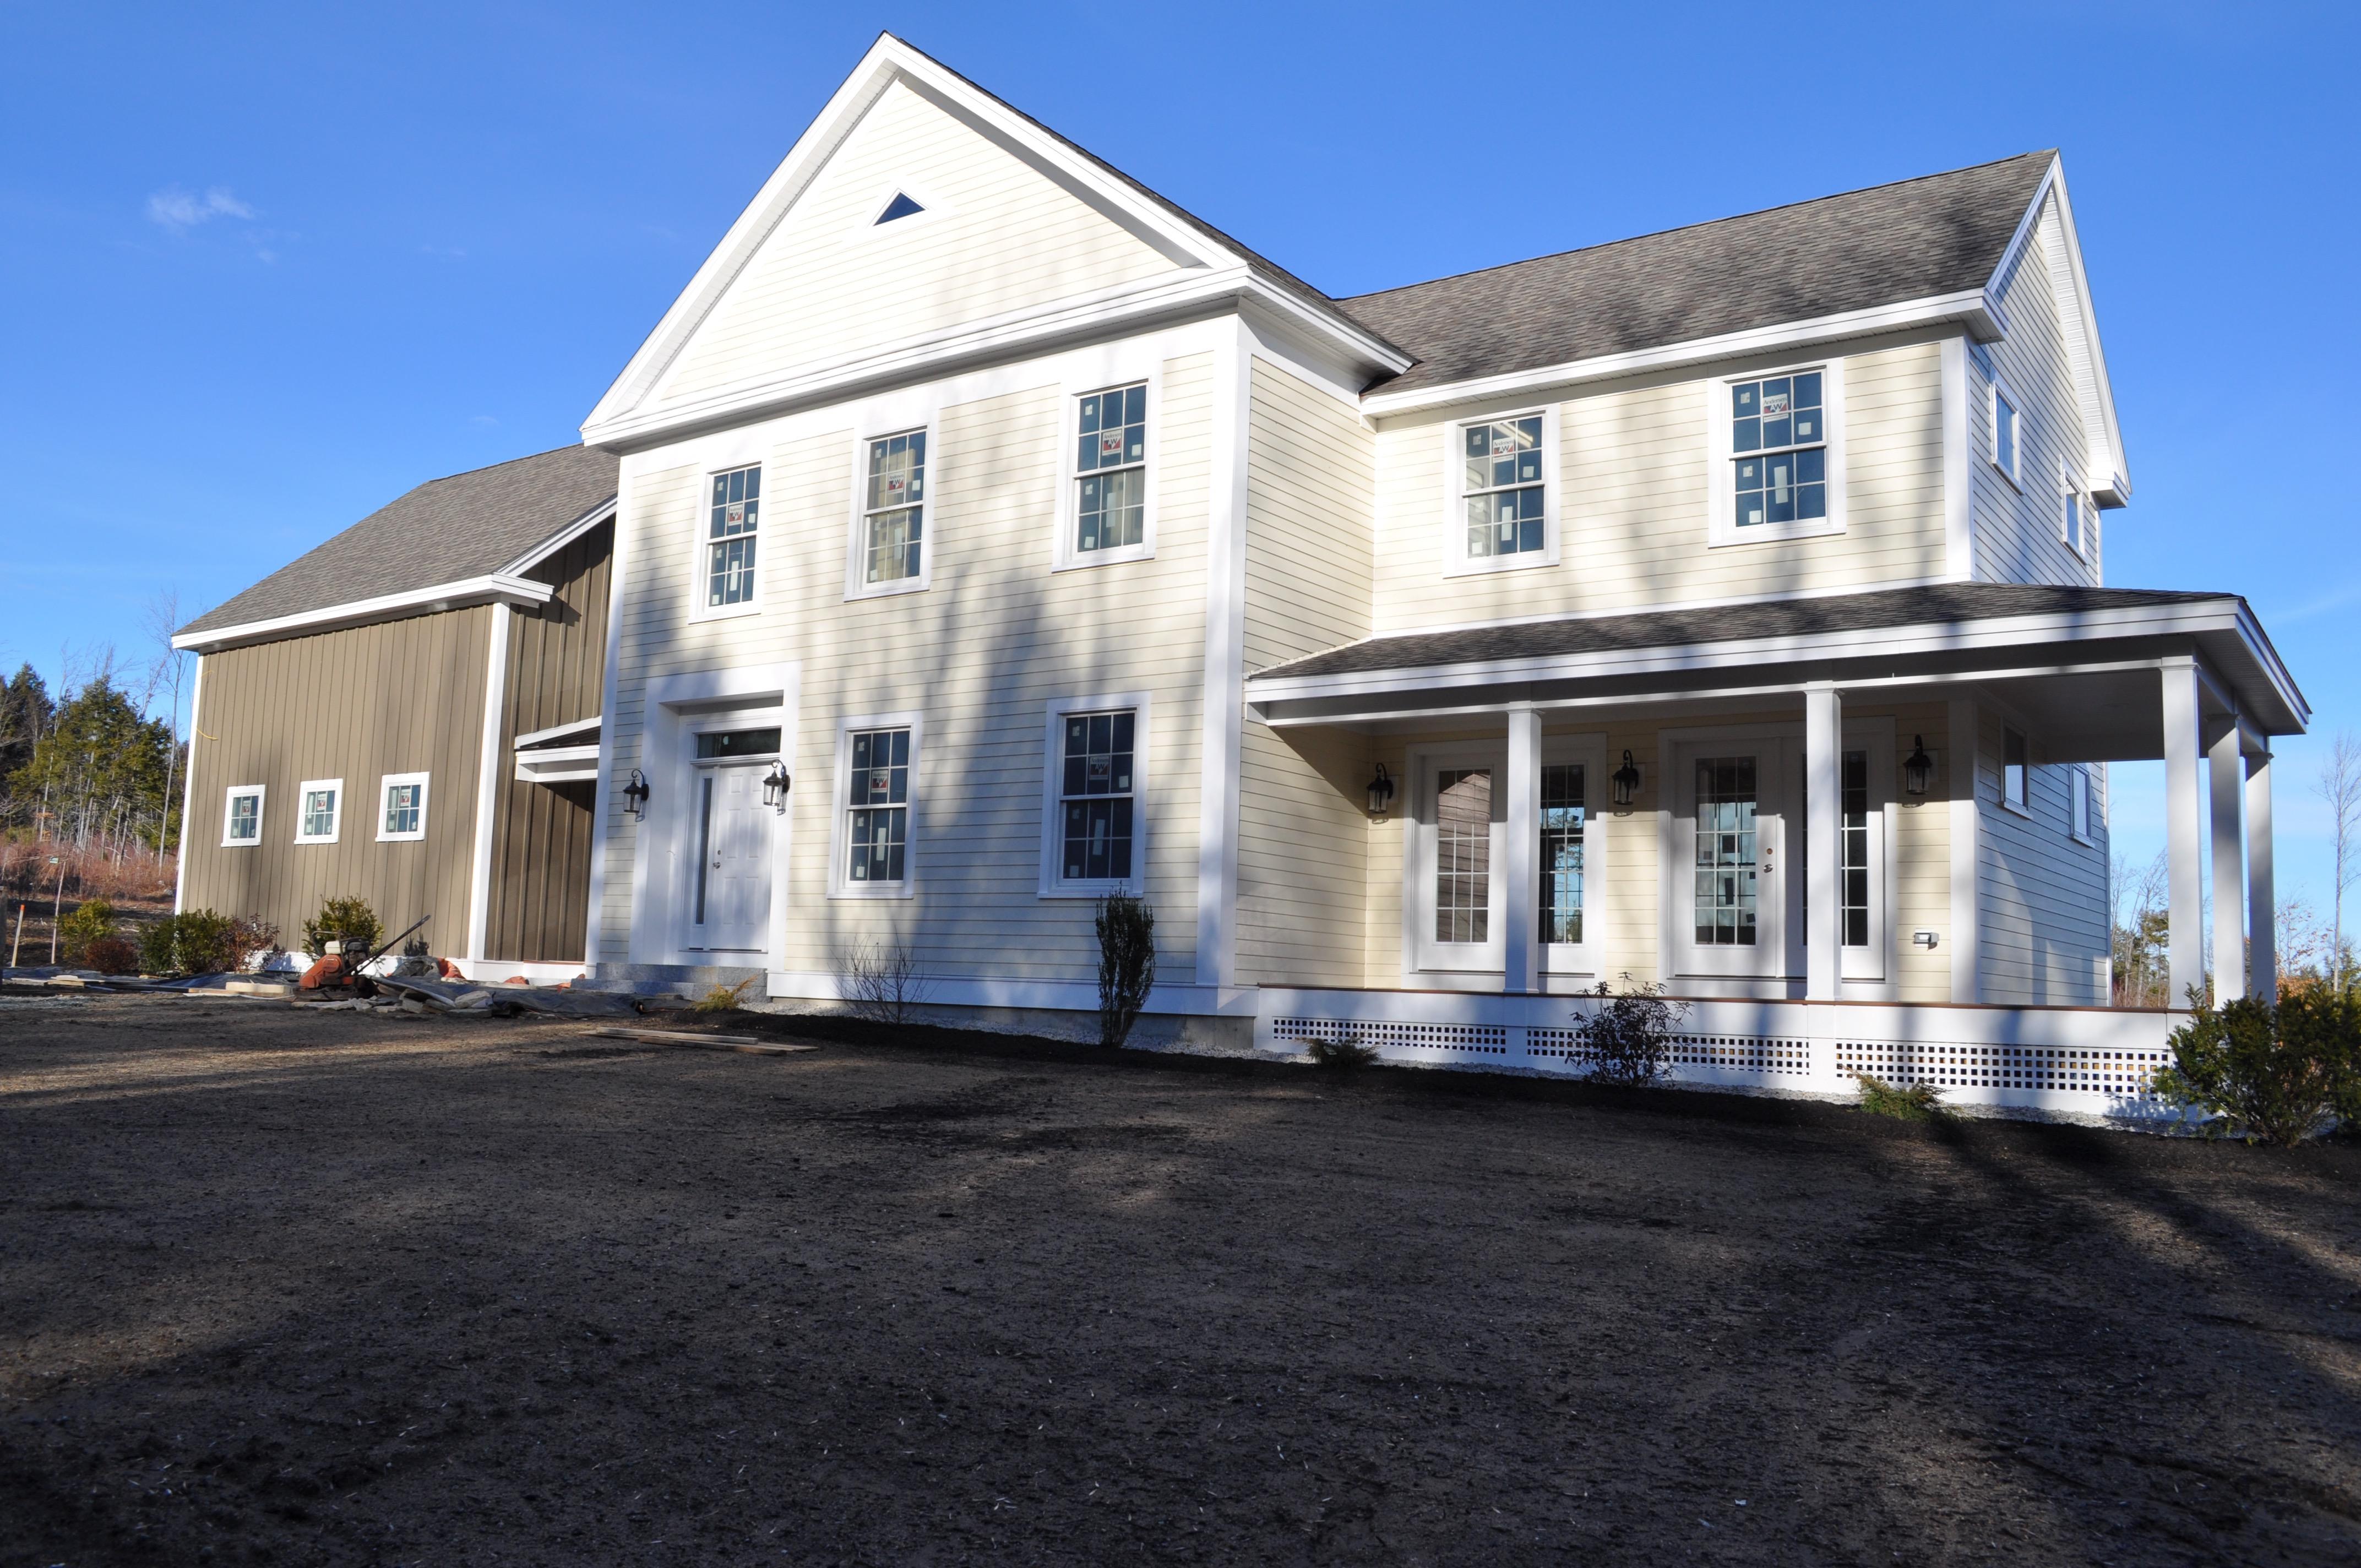 一戸建て のために 売買 アット Lot 22-7 Seamans Rd, New London New London, ニューハンプシャー 03257 アメリカ合衆国